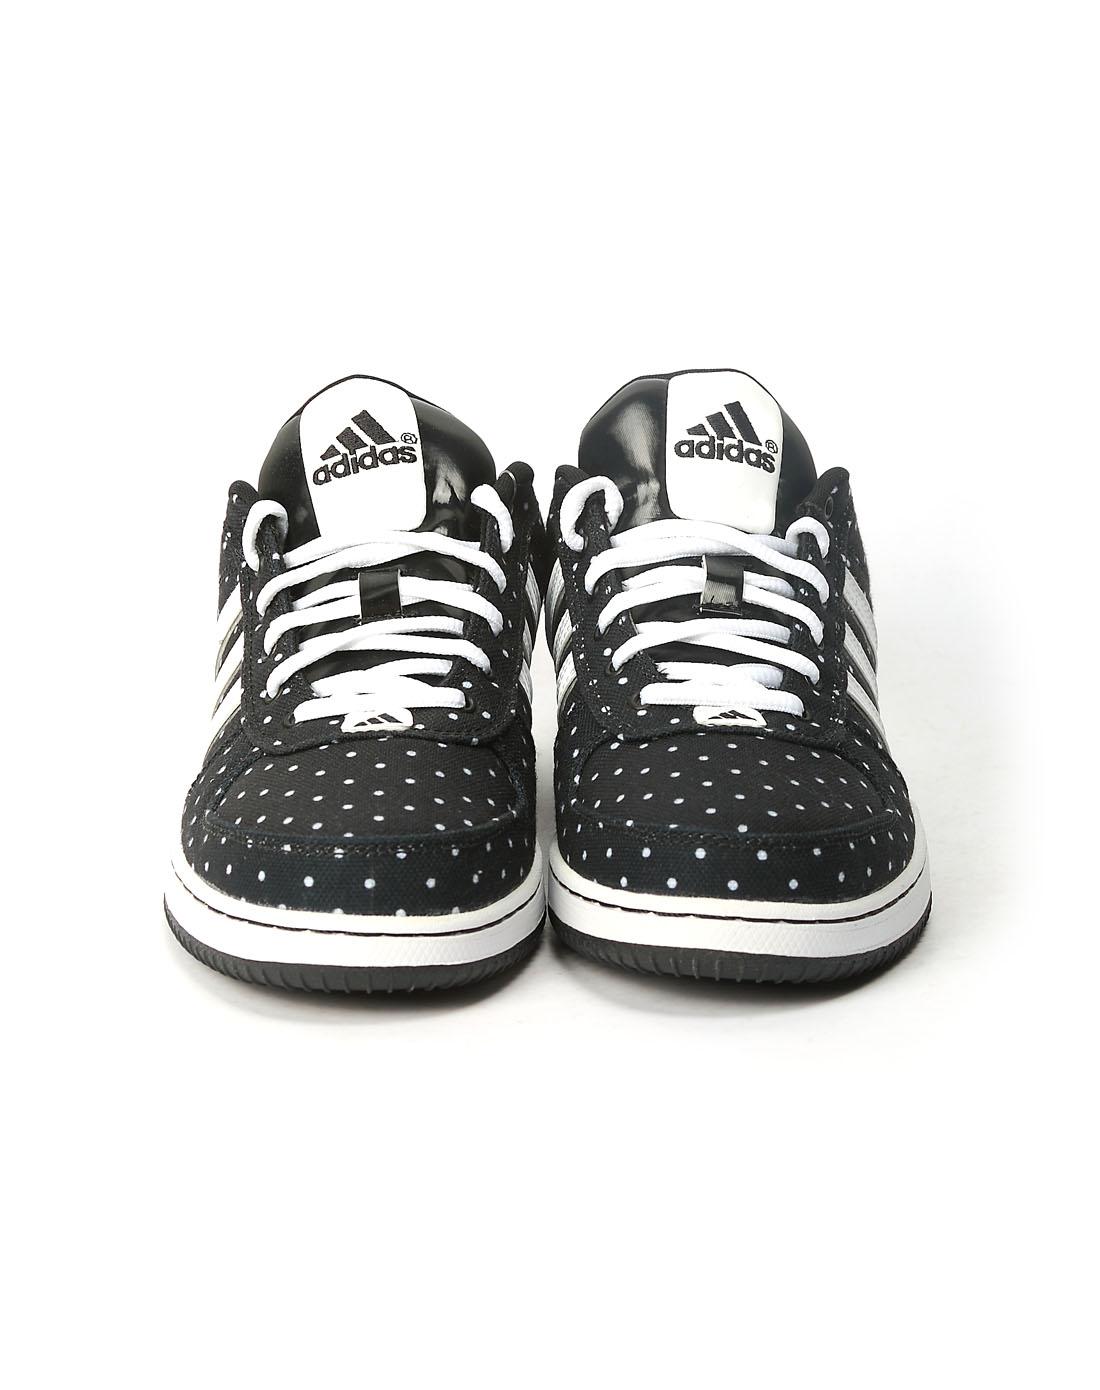 阿迪达斯adidas男女鞋女子黑色篮球鞋g59027